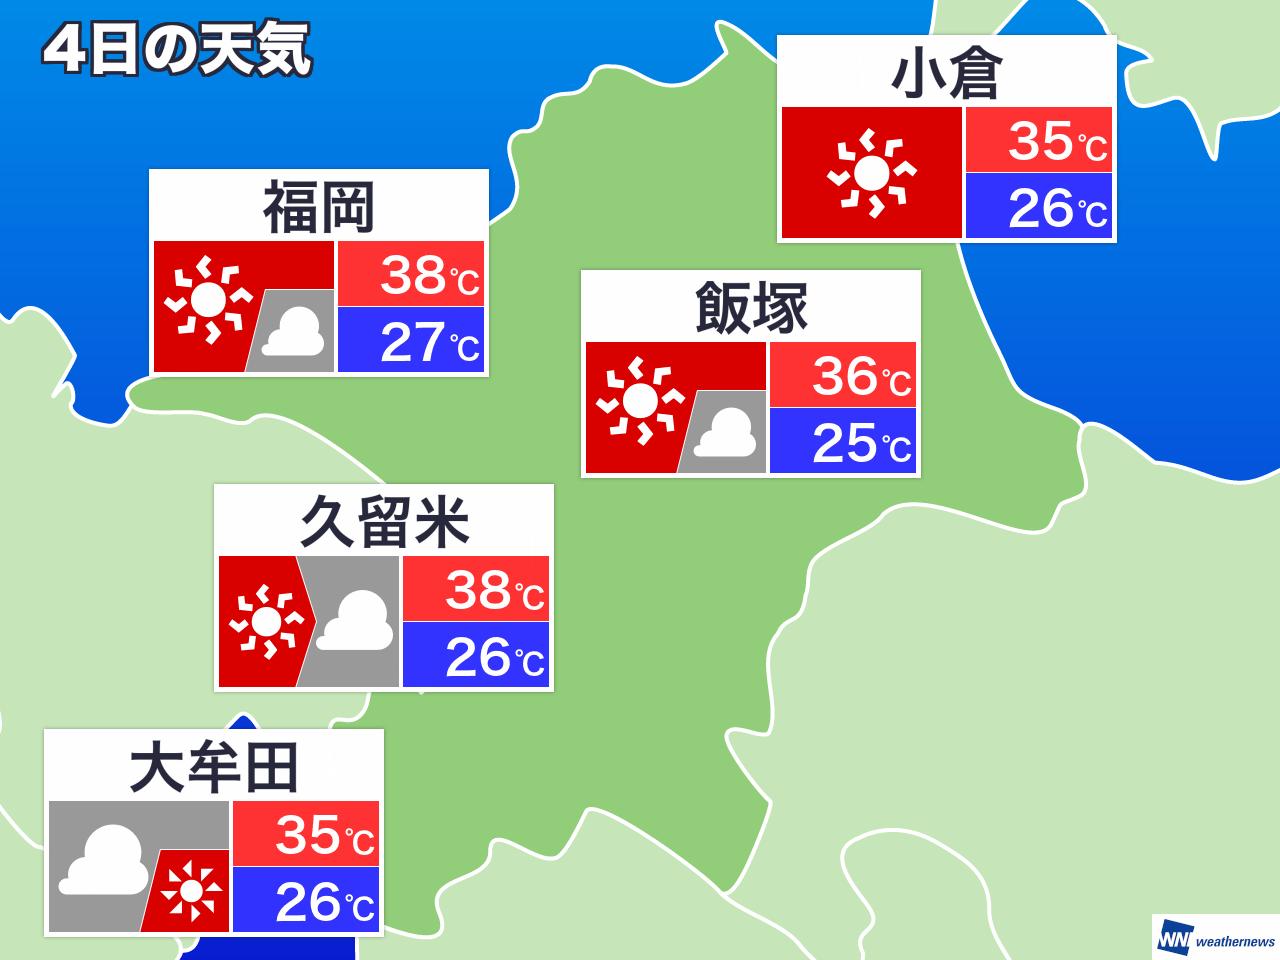 明日 の あきる野 市 の 天気 【一番当たる】東京都あきる野市の最新天気(1時間・今日明日・週間)